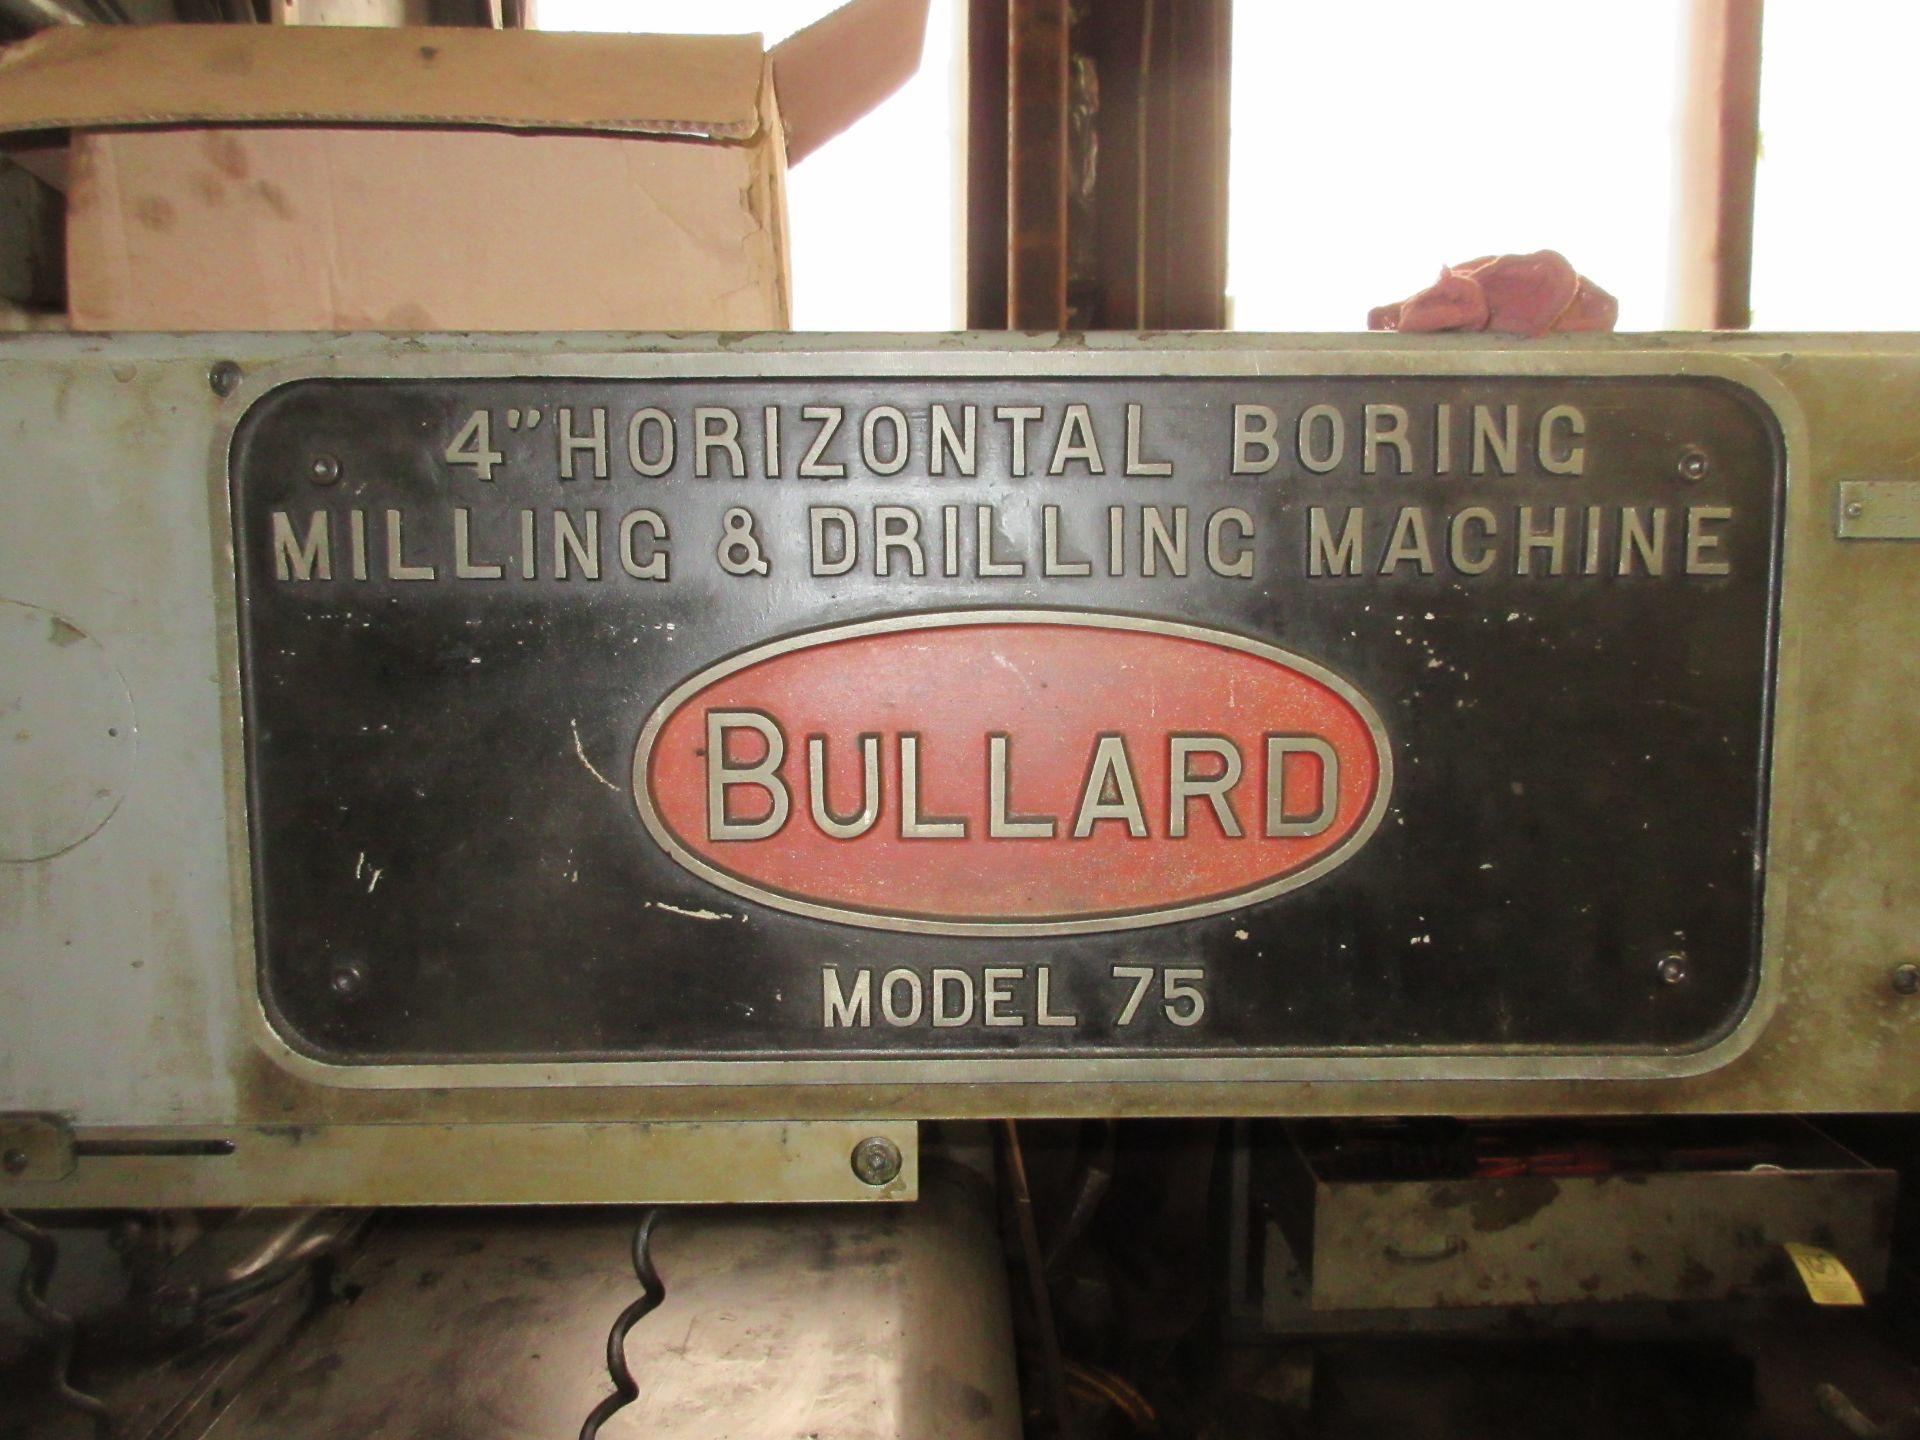 """(1) Bullard Model 75 4"""" Horizontal Boring, Milling & Drilling Machine S/N 30512 - Image 3 of 7"""